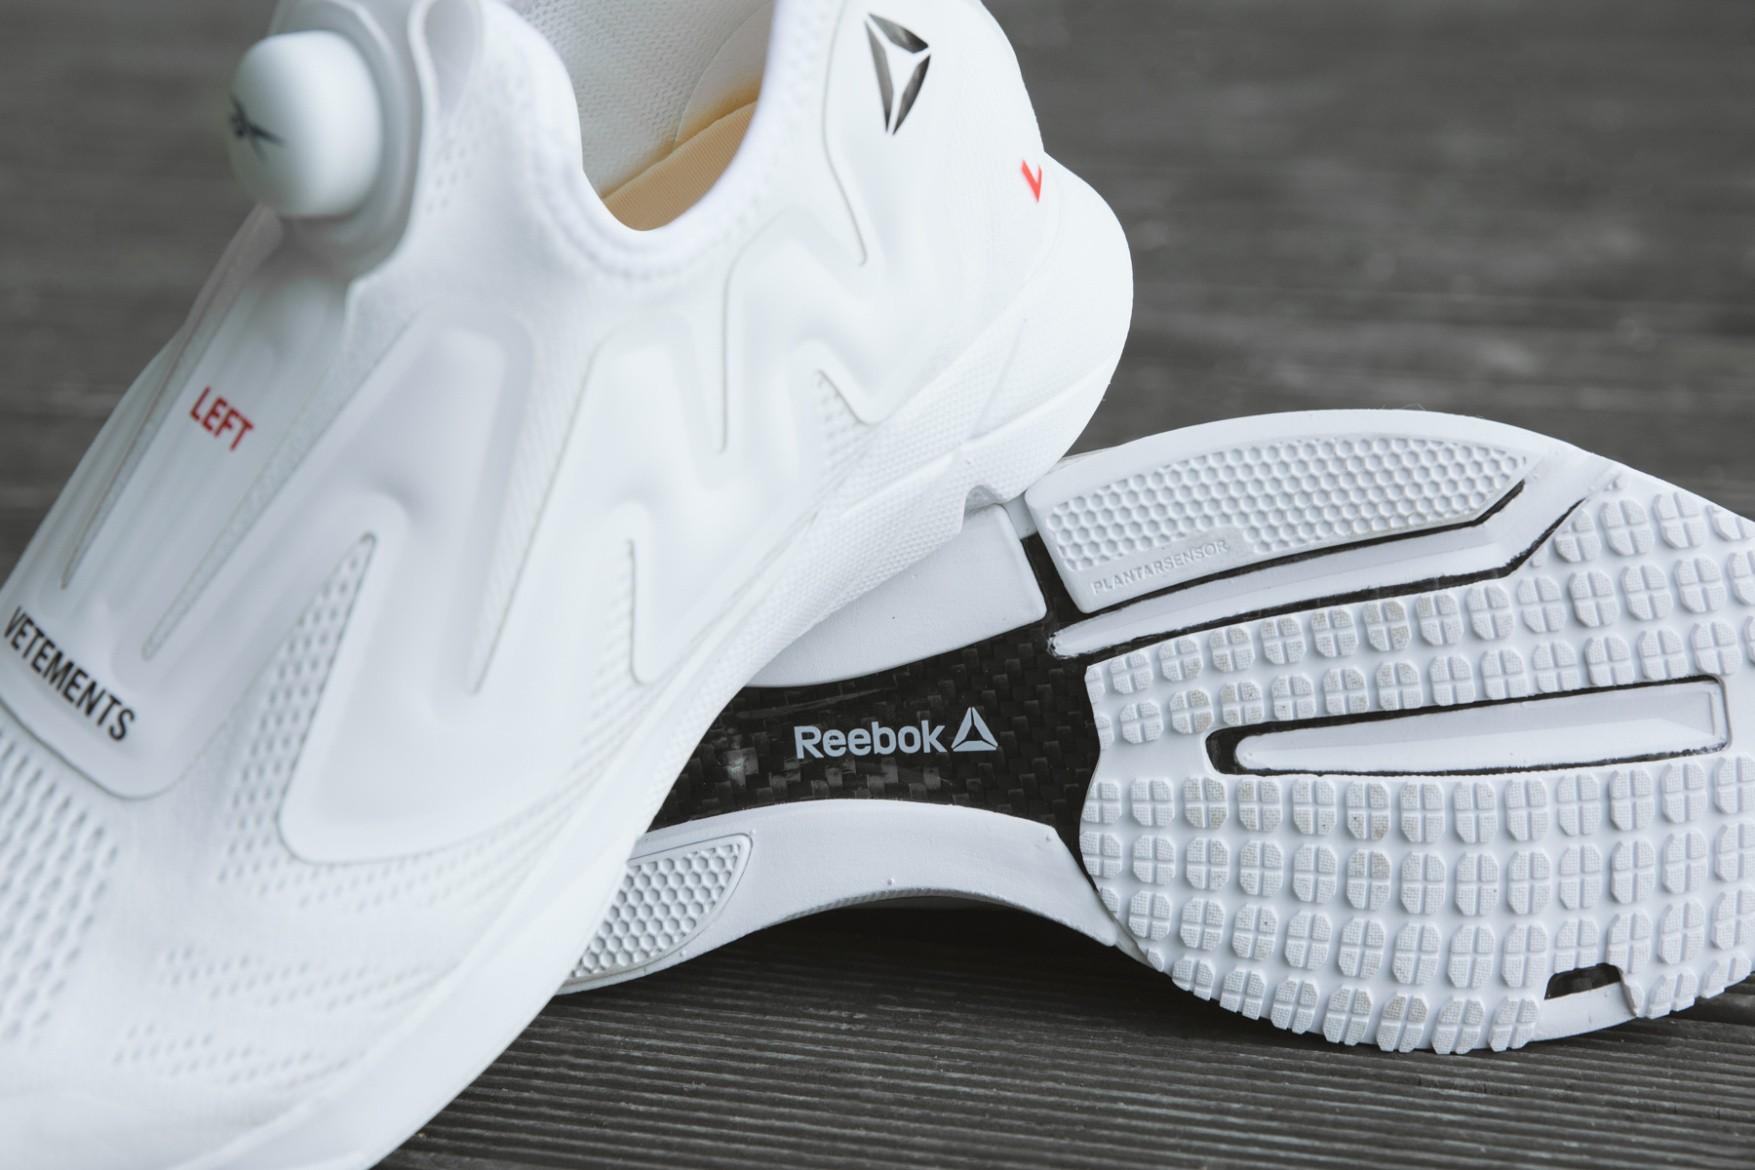 O tênis criado pela Vetements em parceria com a Reebok (Foto: Divulgação) (Foto: Divulgação)